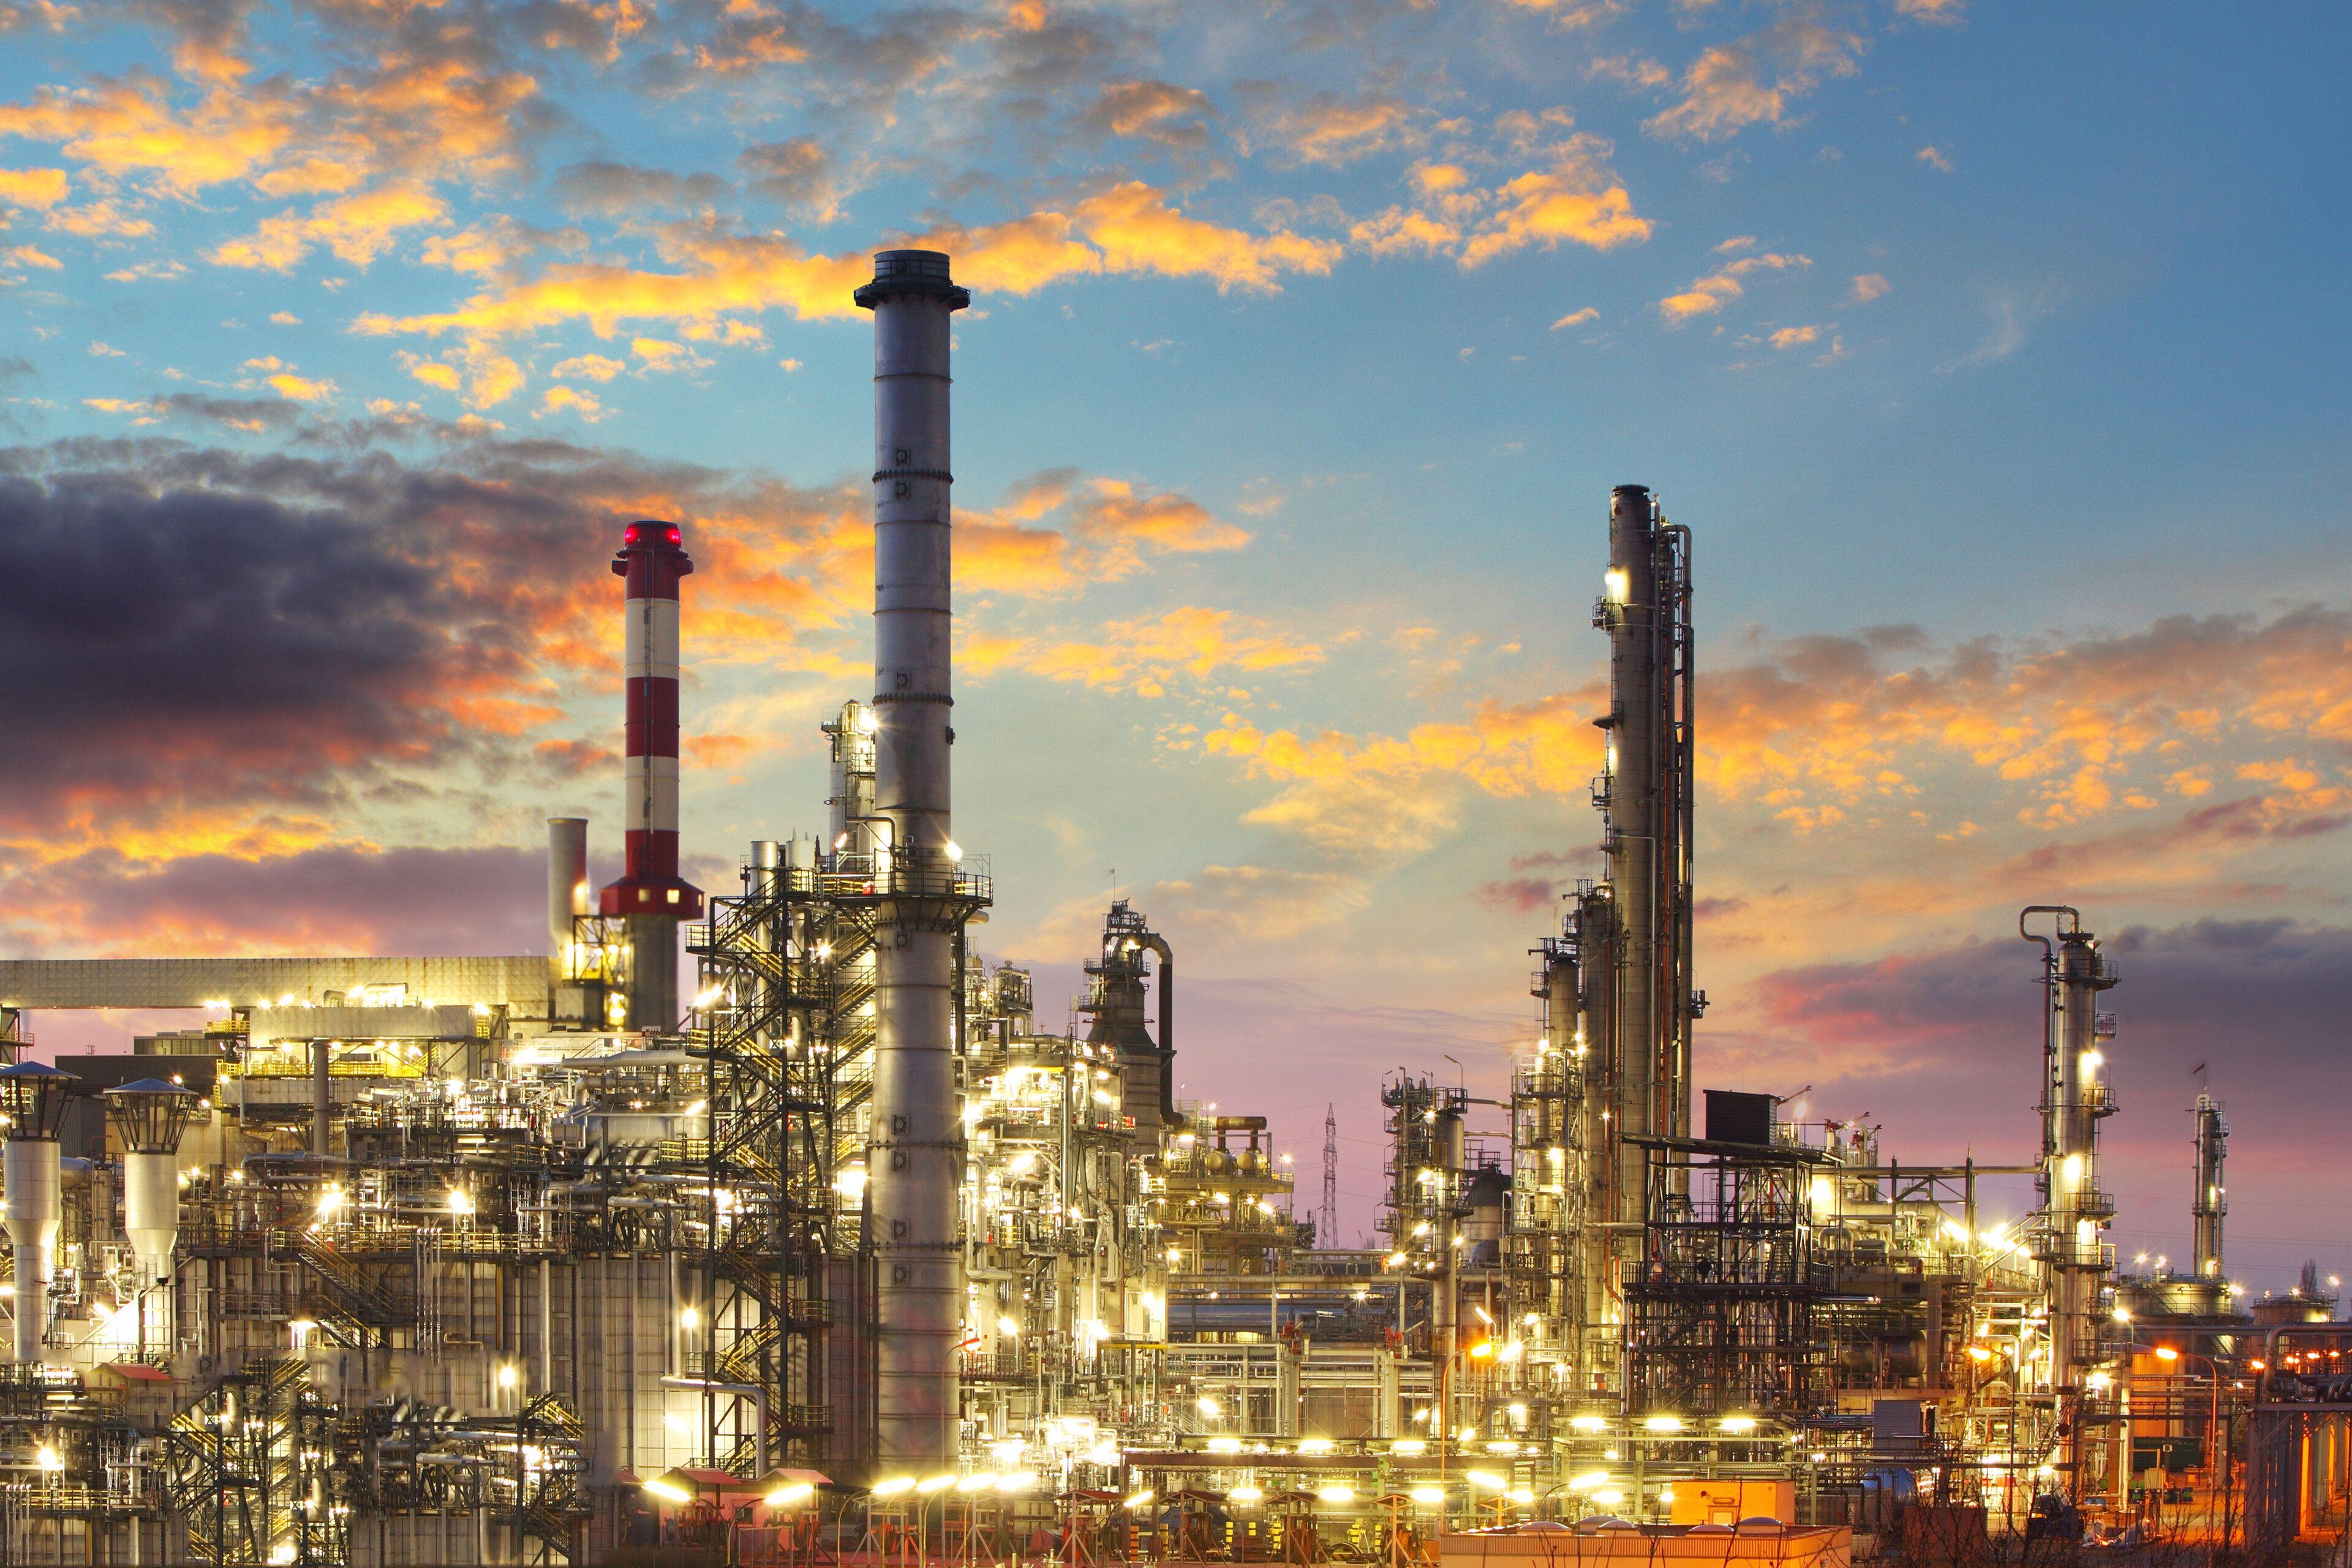 Готов ли ваш бизнес к ожидаемому усилению углеродного регулирования?